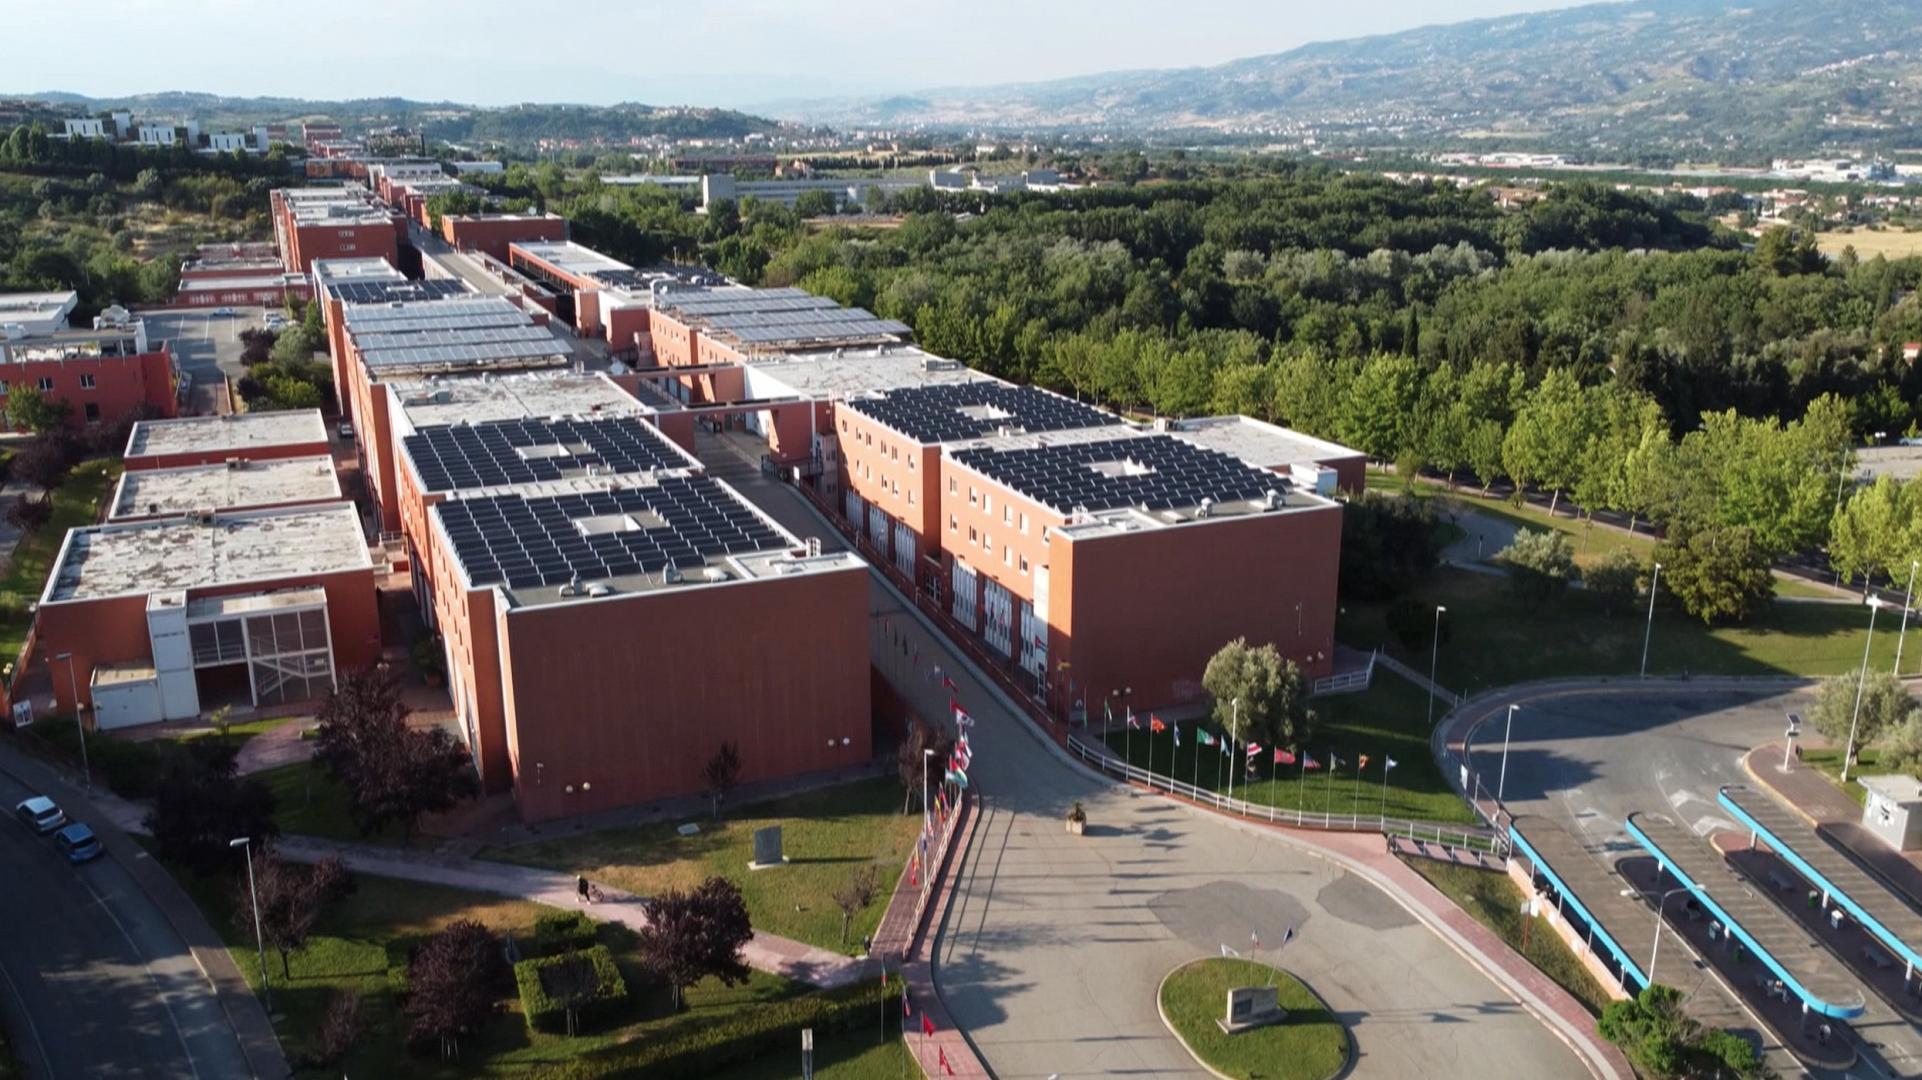 L'Unical è il campus più grande d'Italia e uno dei più verdi d'Europa 2